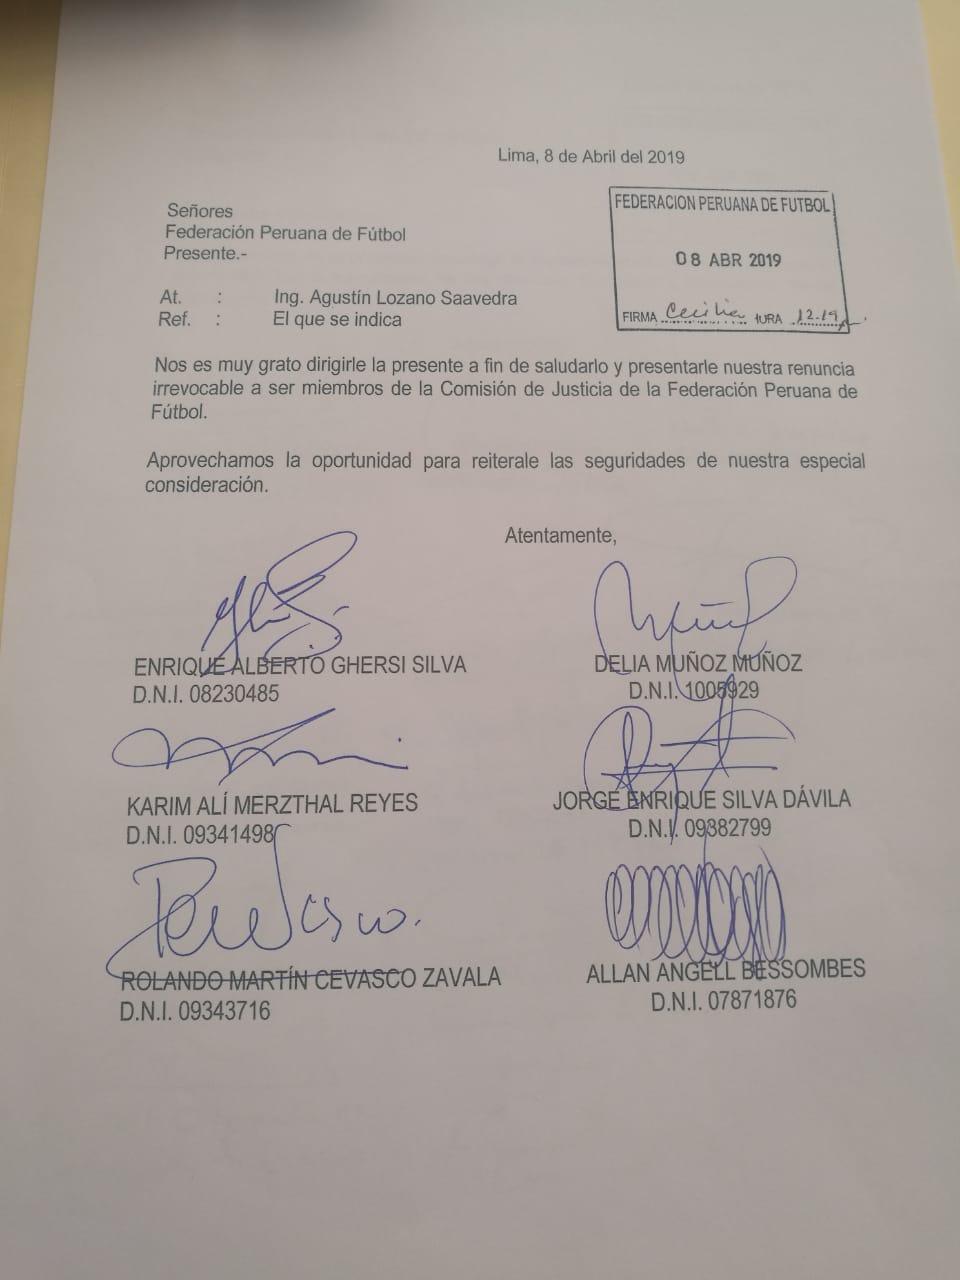 Comisión de Justicia comunicó a Agustín Lozano su renuncia a la FPF.